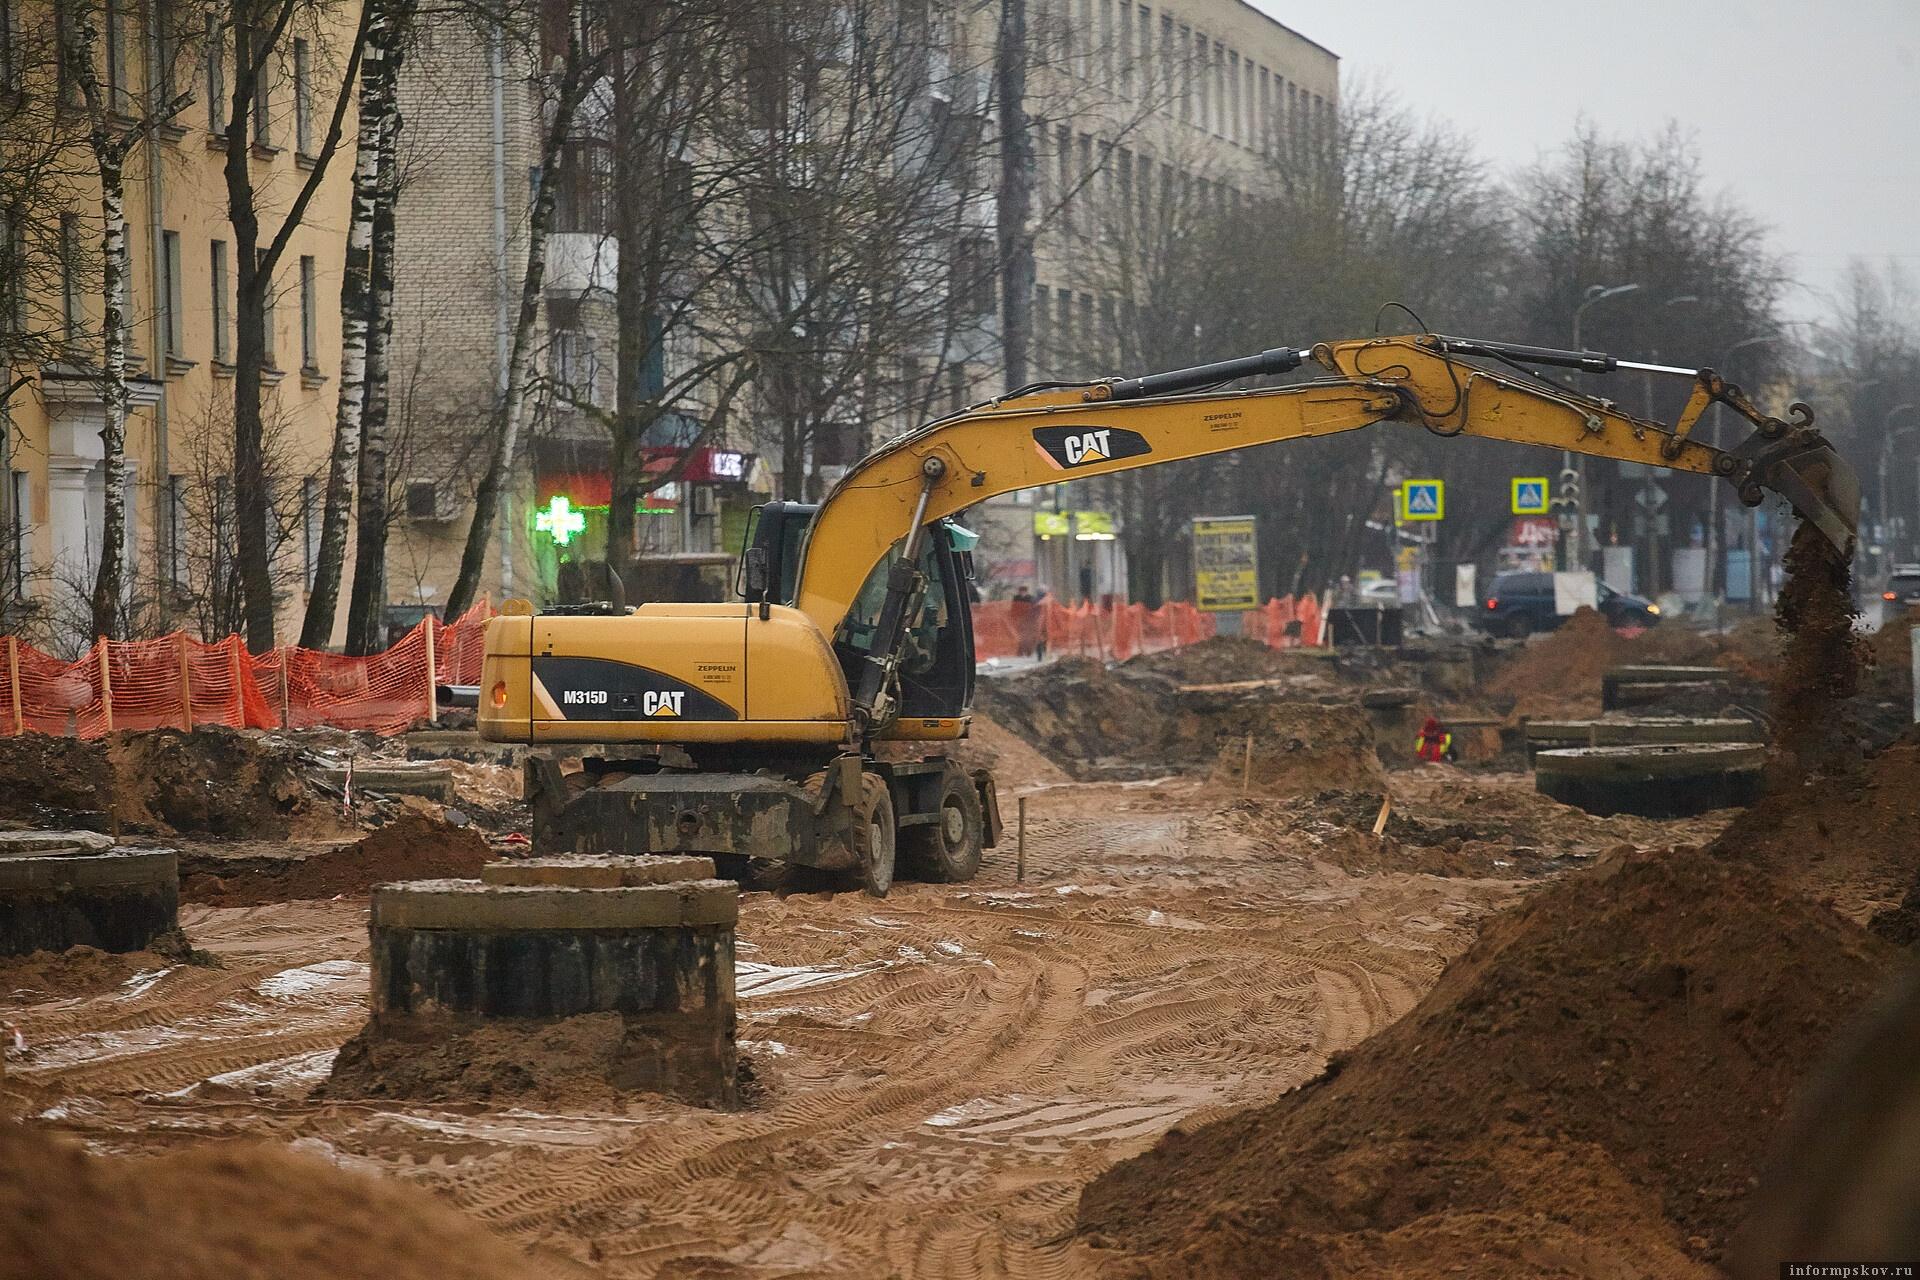 Всего в 2020 году в Пскове будет отремонтировано 18 улиц, одна площадь, два моста и путепровод, тротуары вдоль восьми улиц и на мосту Александра Невского, два проезда и пять дворов. Фото: Дарья Хваткова.